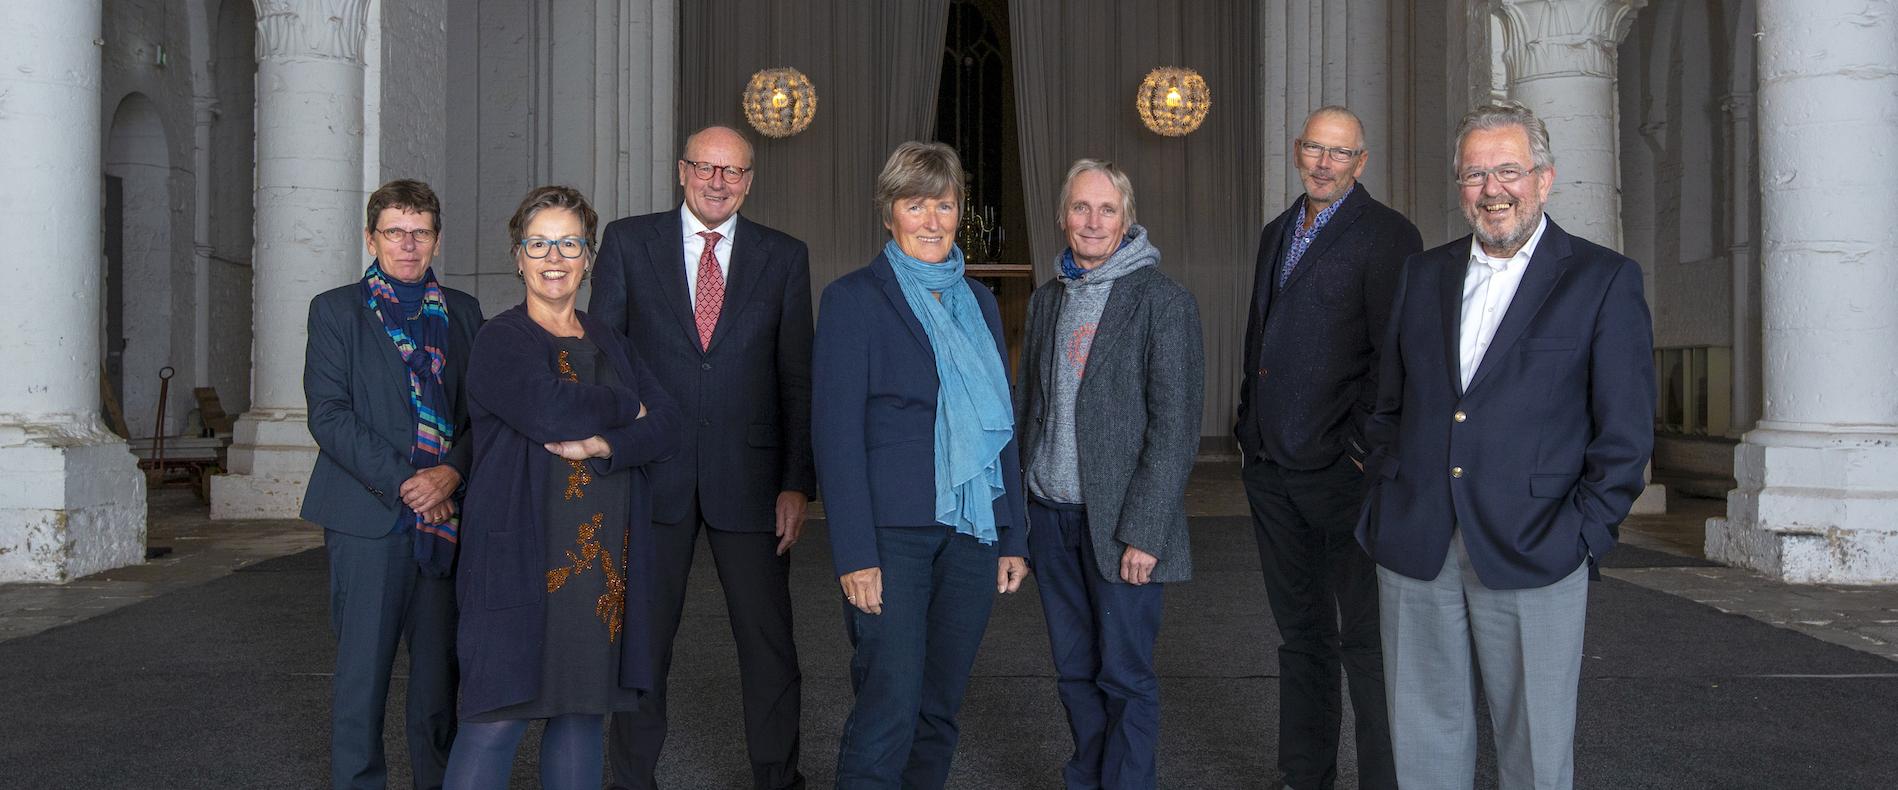 Bach comite Aardenburg bestuur